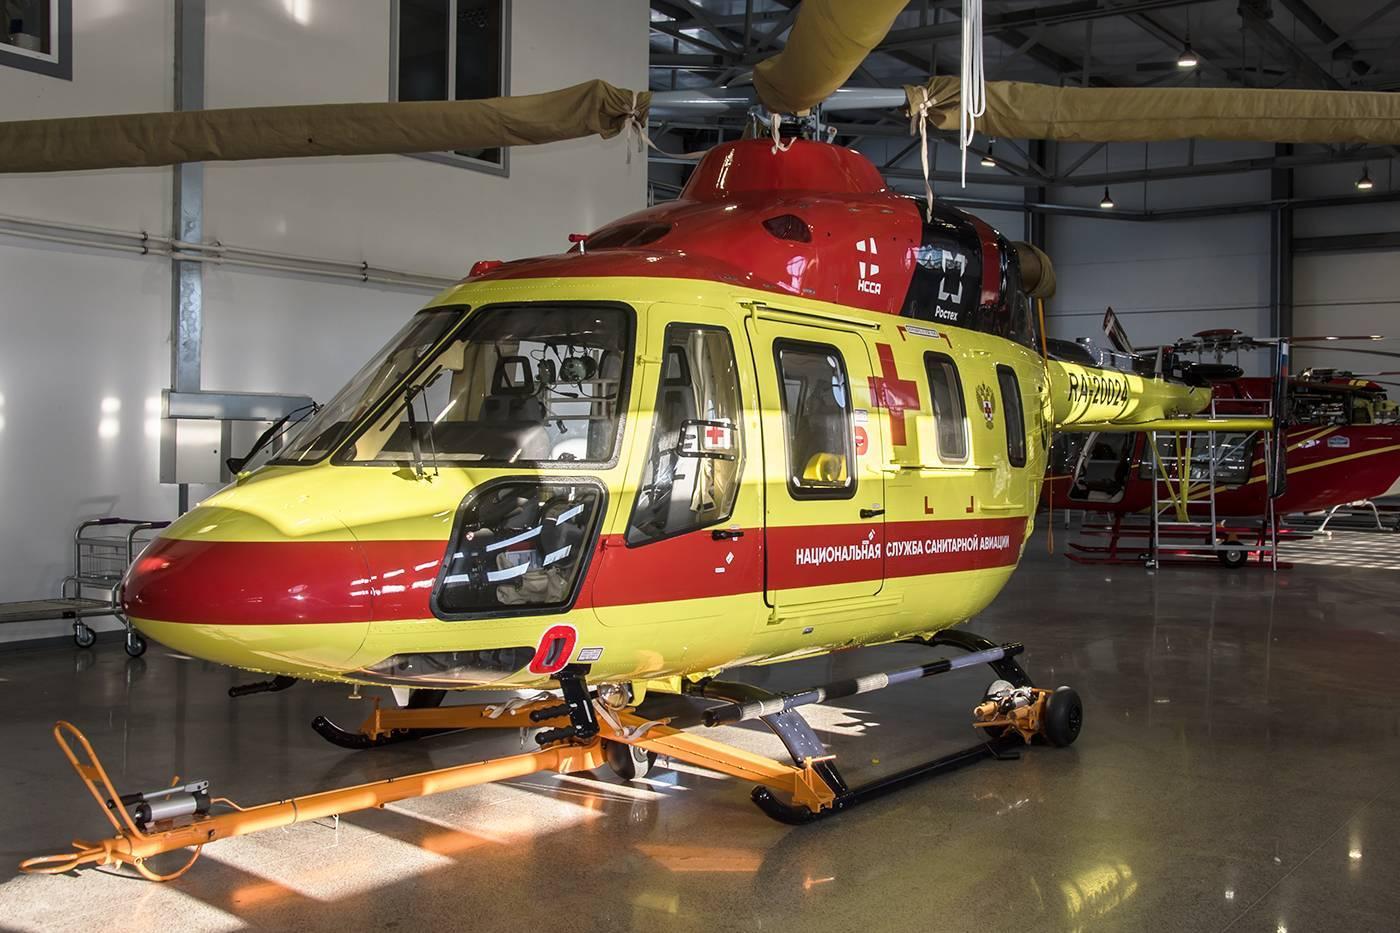 Новейшие учебно-тренировочные вертолеты ансат-у. многоцелевой вертолет «ансат»